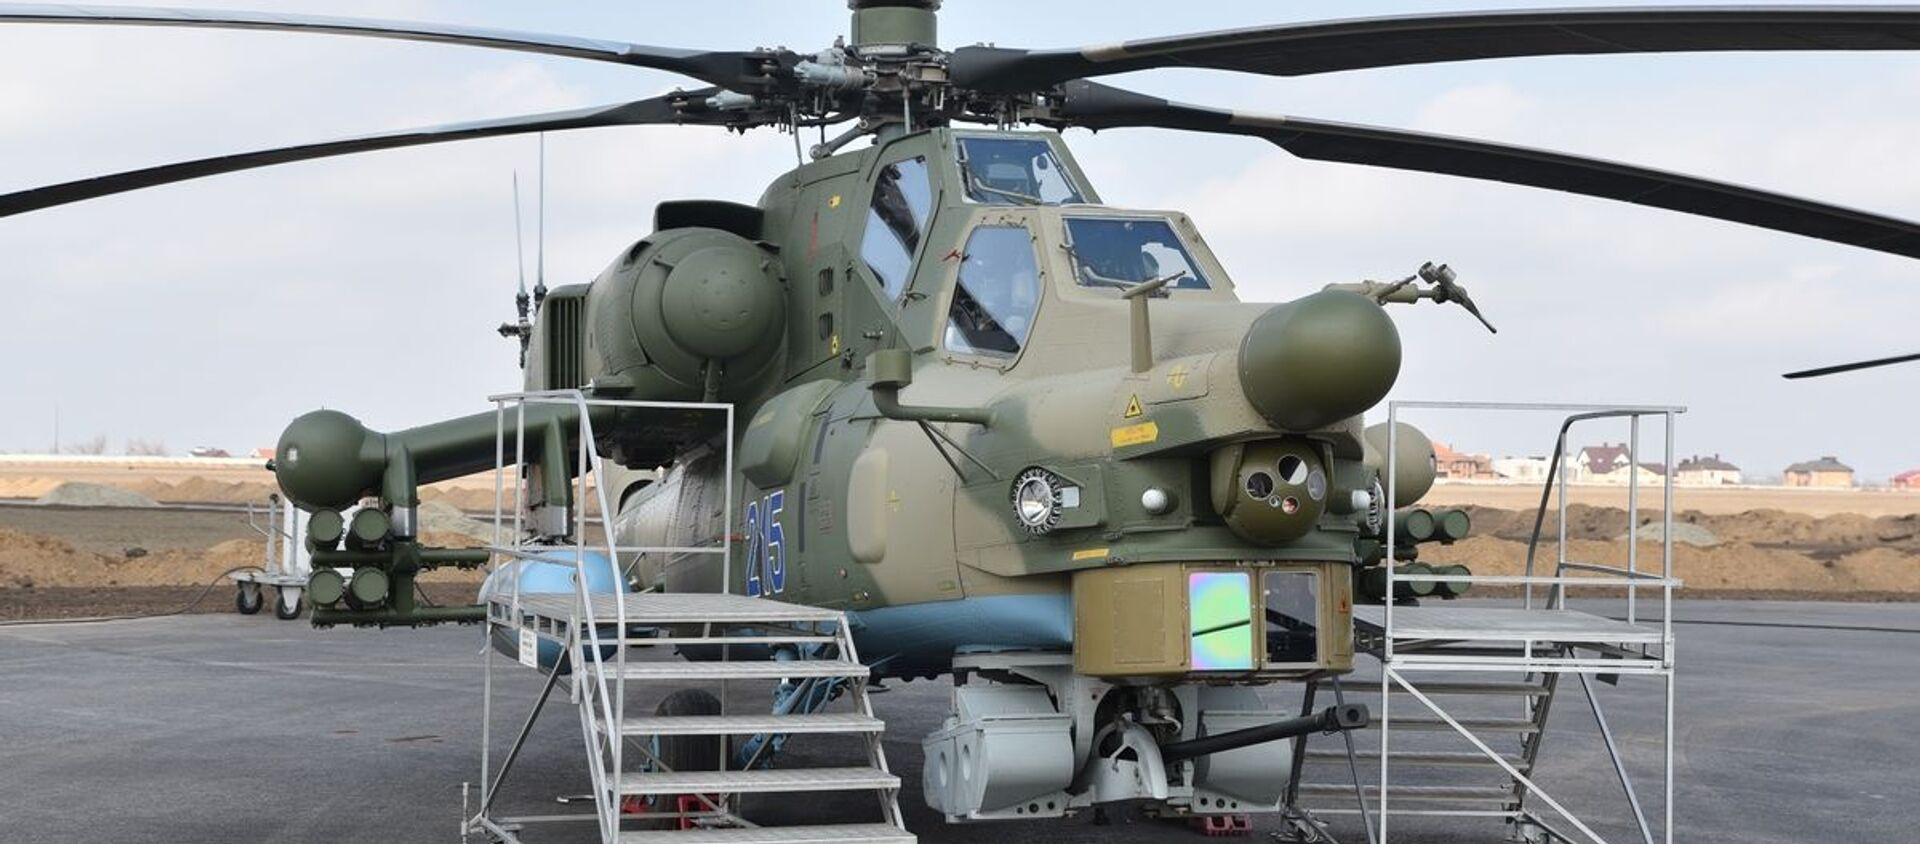 Máy bay trực thăng chiến đấu mới nhất của Nga Mi-28NM. - Sputnik Việt Nam, 1920, 29.05.2021